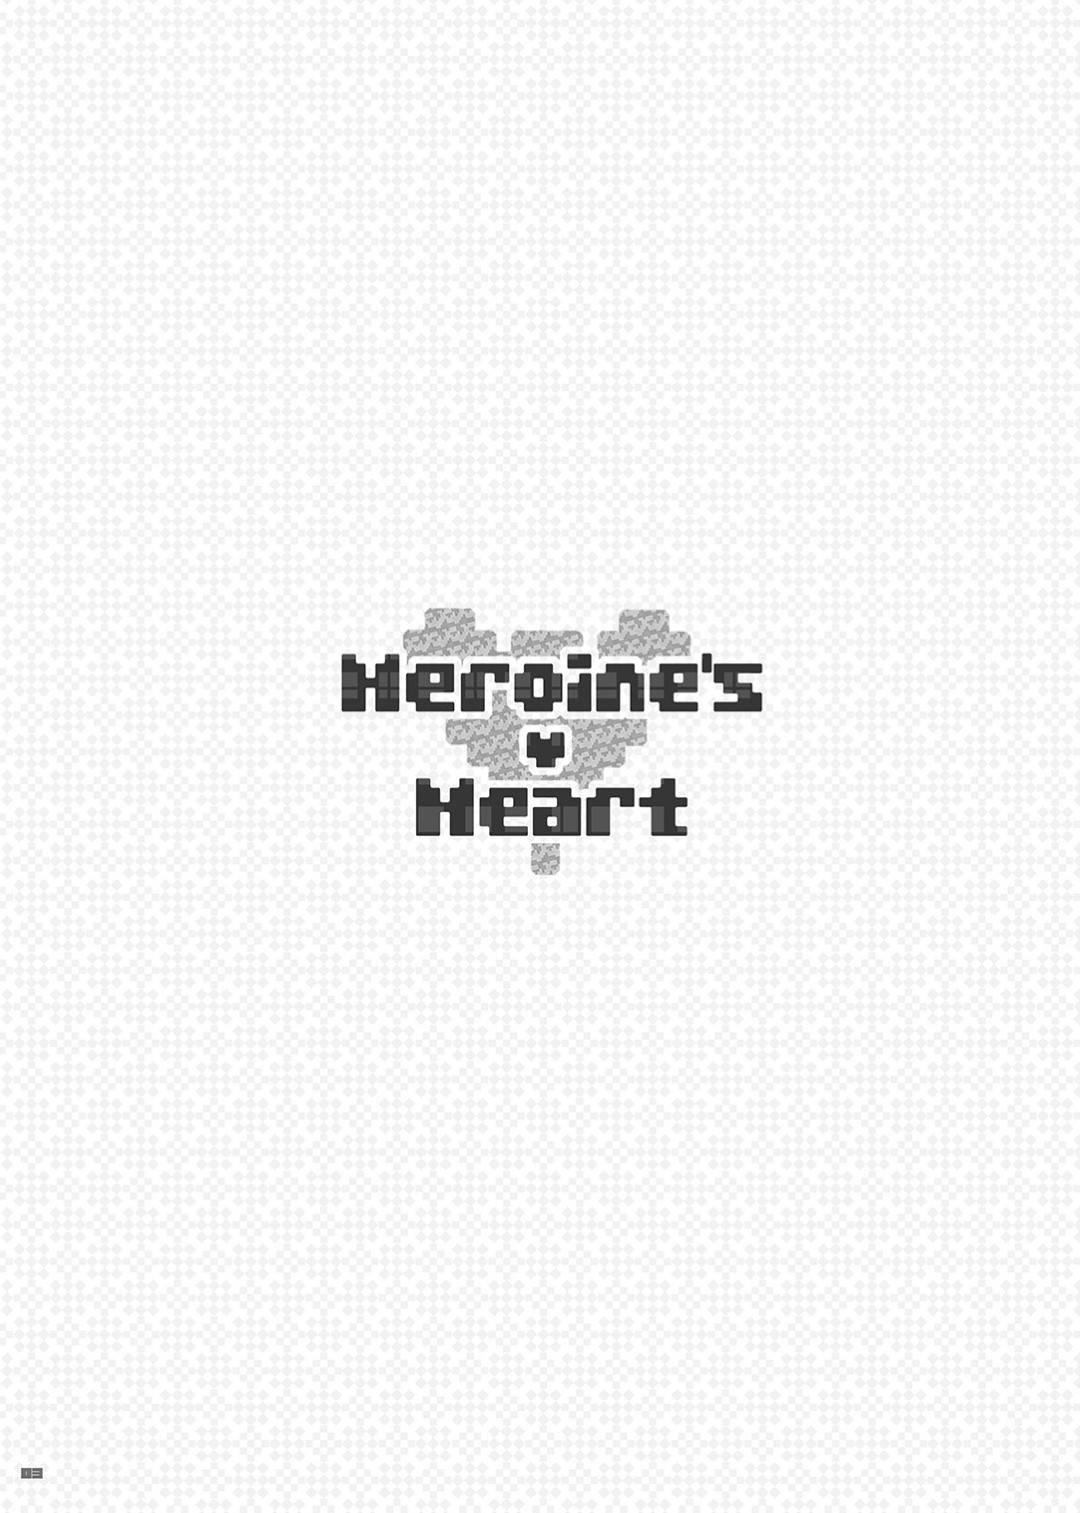 【エロ漫画】日向と隠し部屋で二人きりになった七海…彼と一緒にいることにまんざらじゃない彼女は風呂で彼とディープキスしていちゃついたり、ベッドに入って正常位で中出しいちゃラブセックスしたりする。【赤人:Heroine's Heart】